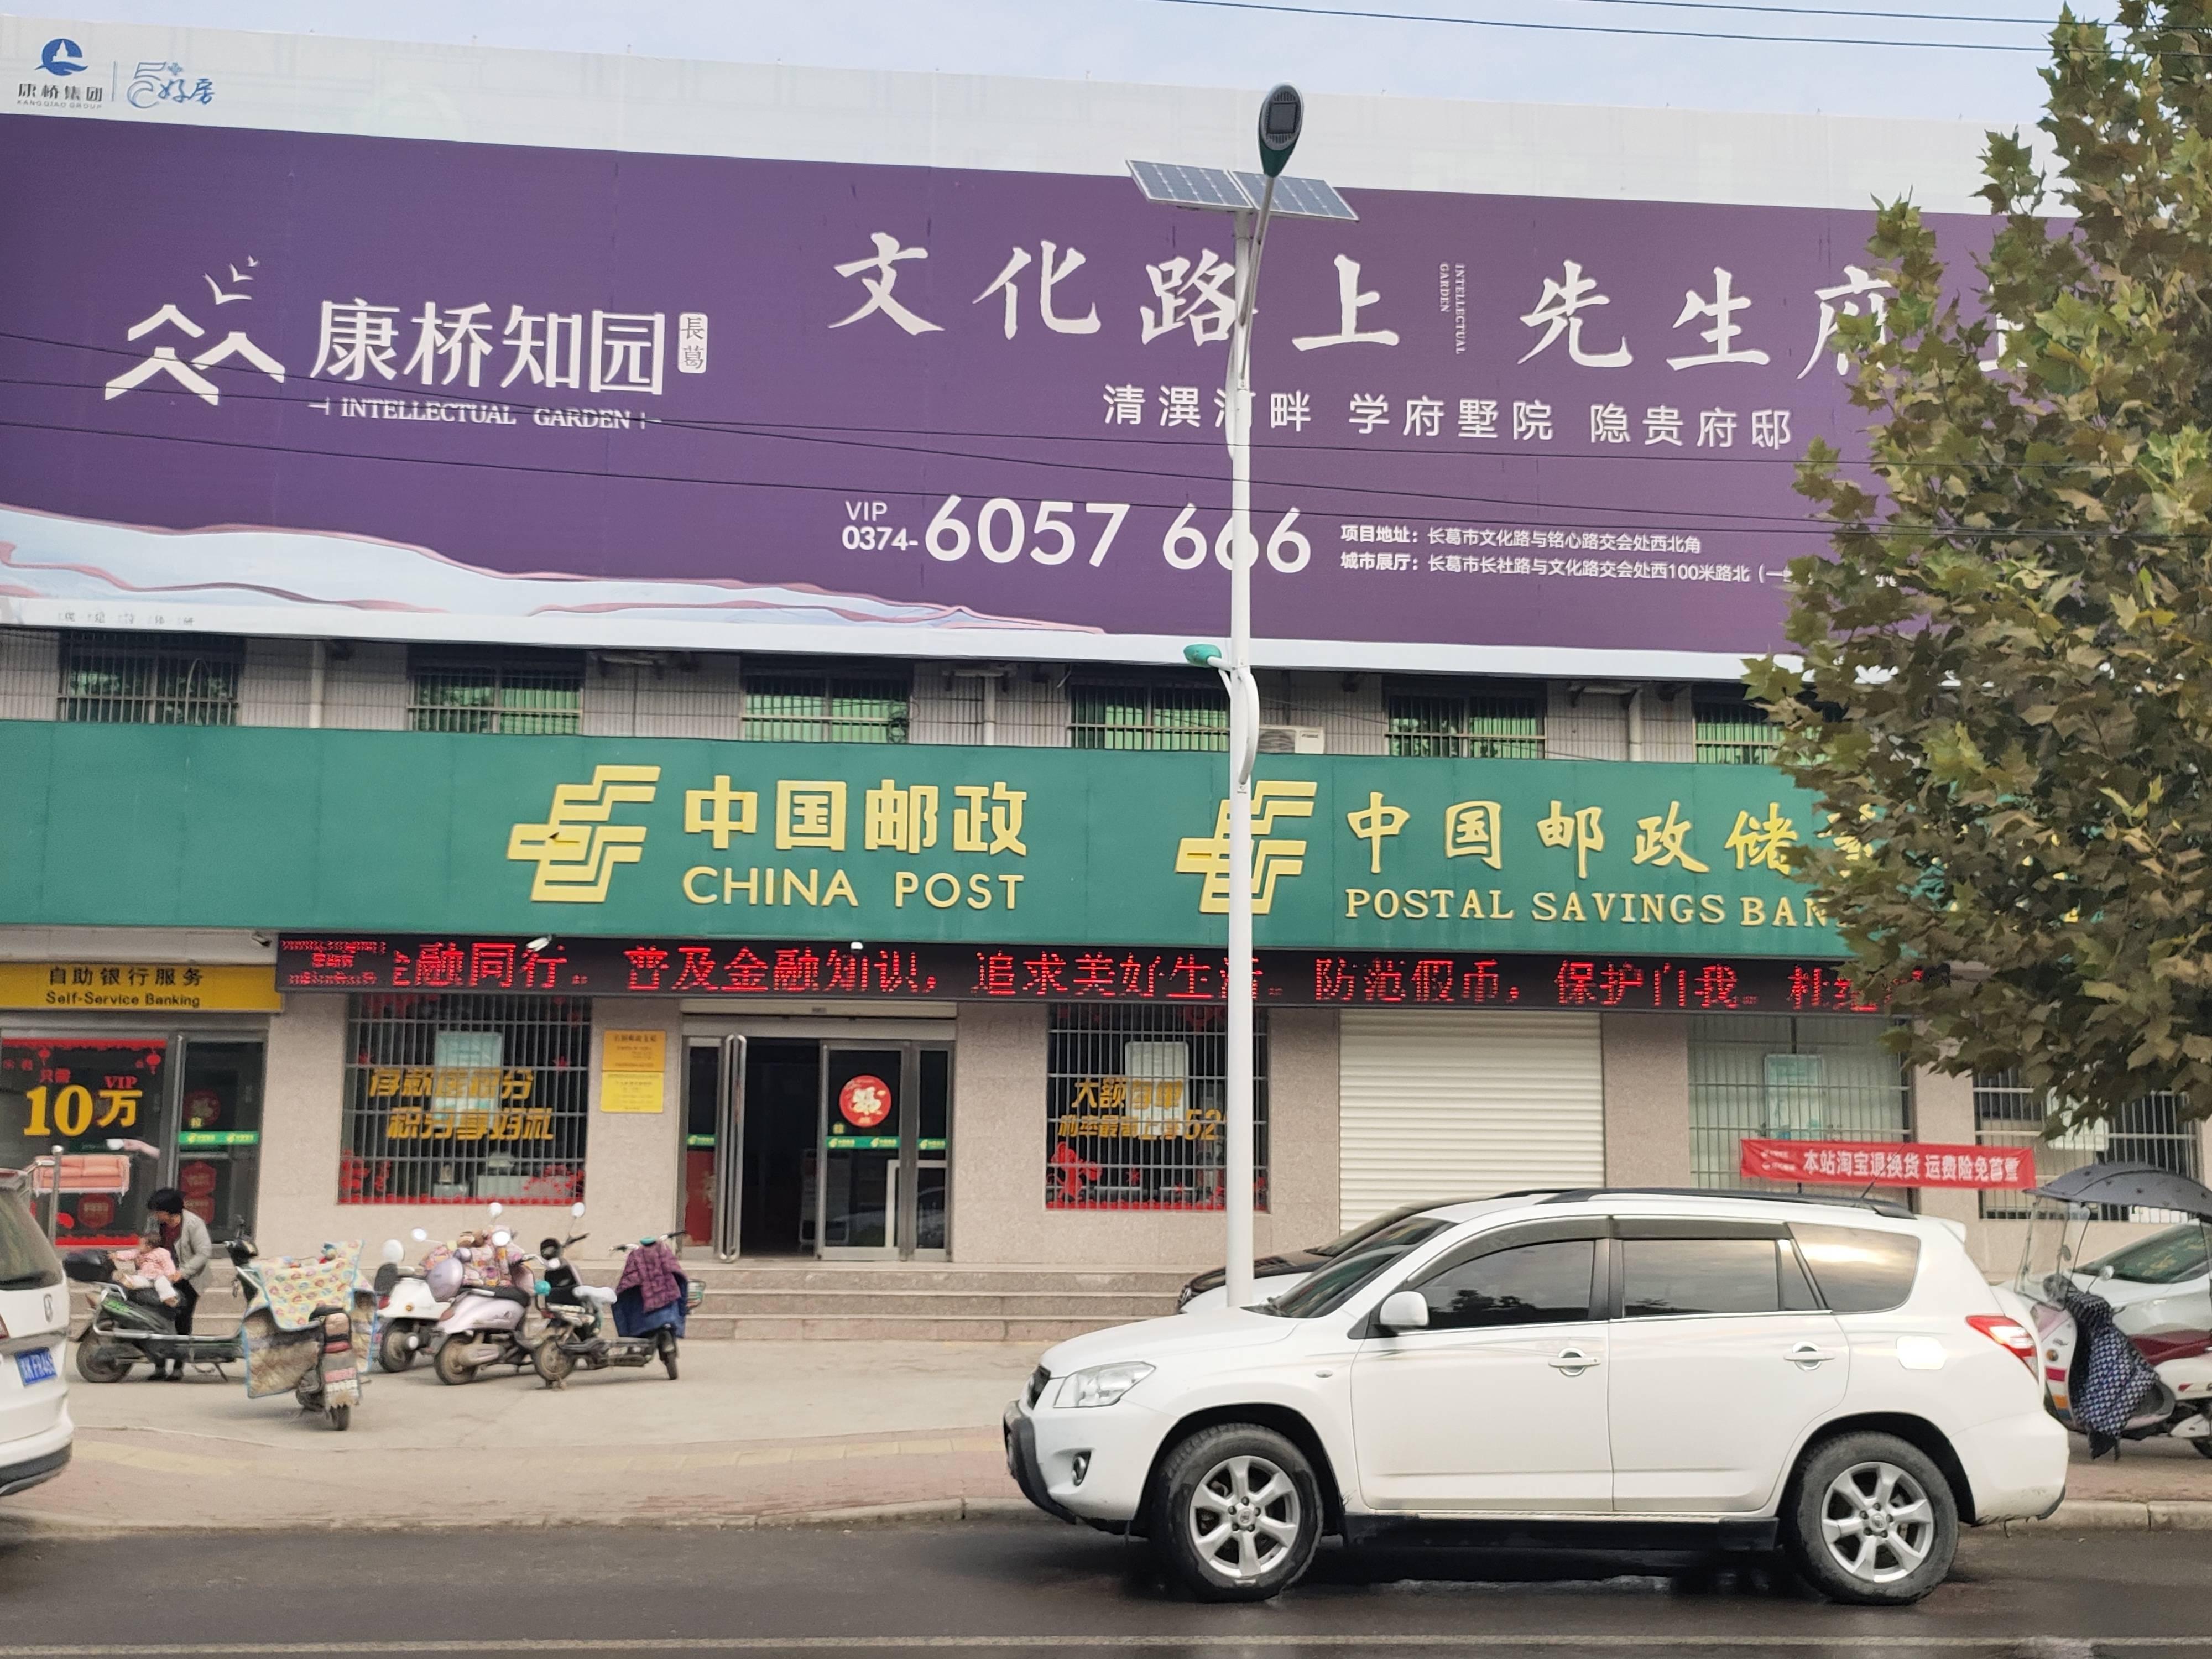 中国邮政银行的标志